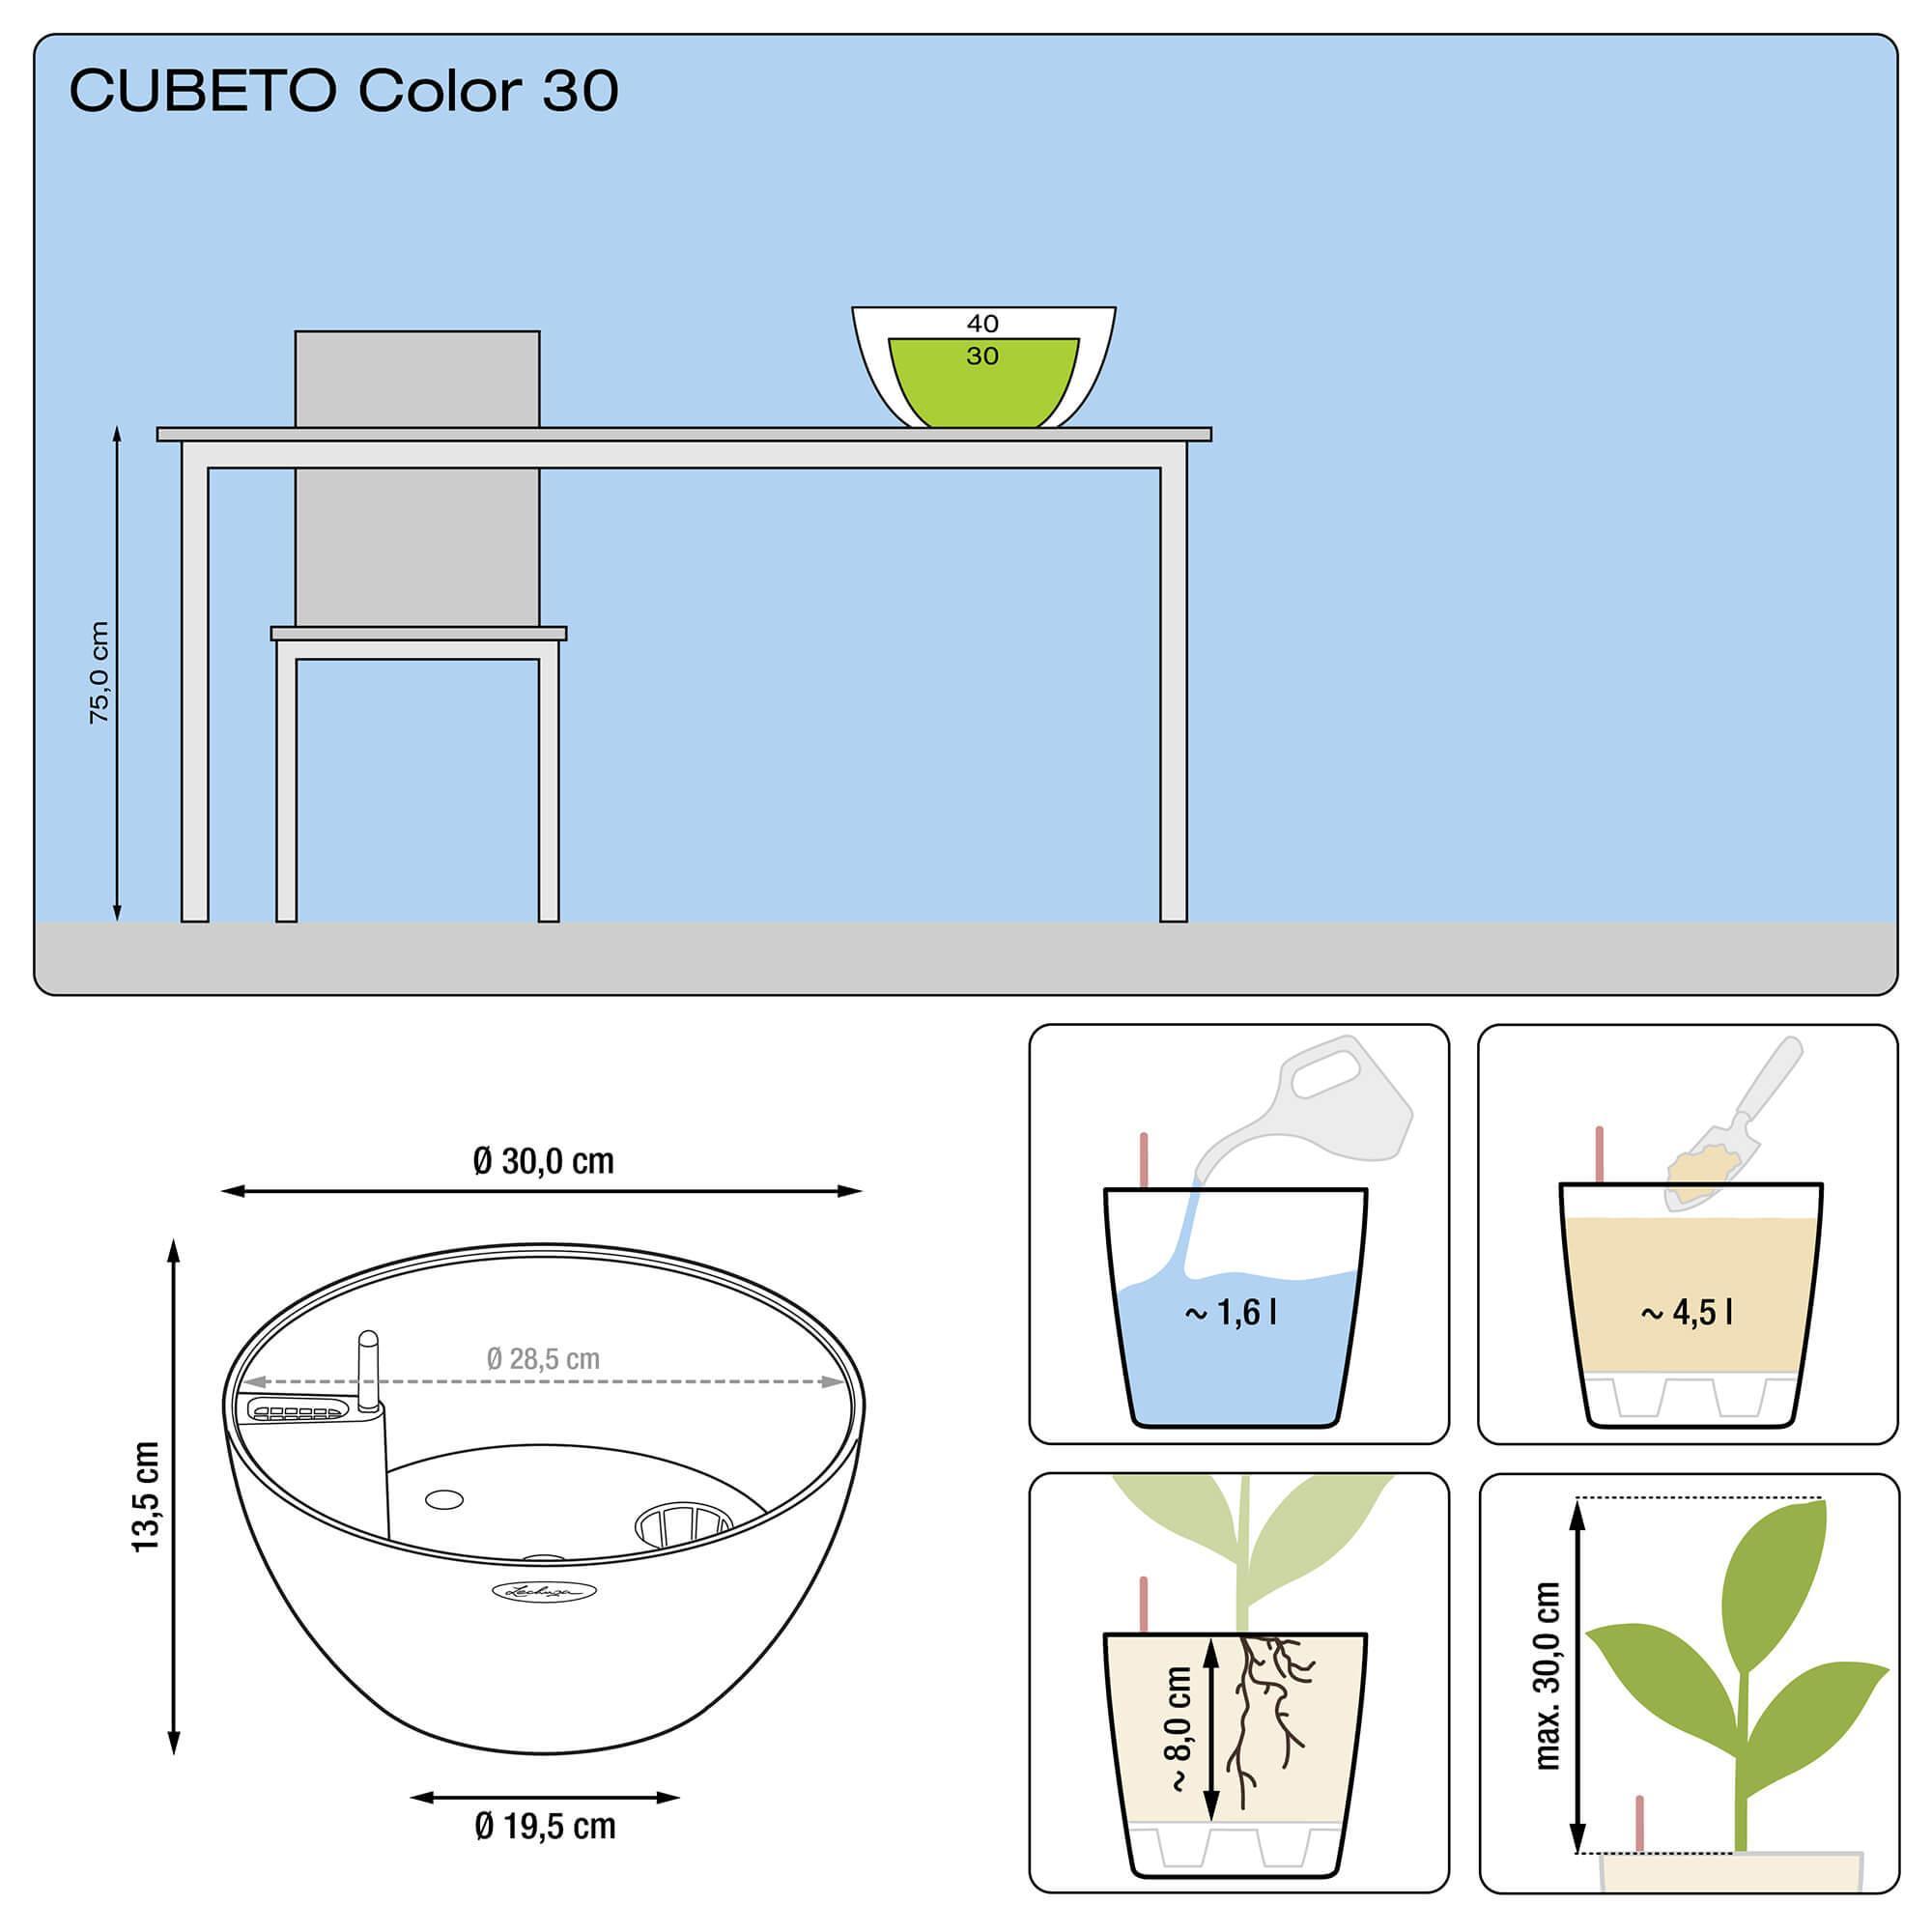 le_cubeto-color30_product_addi_nz